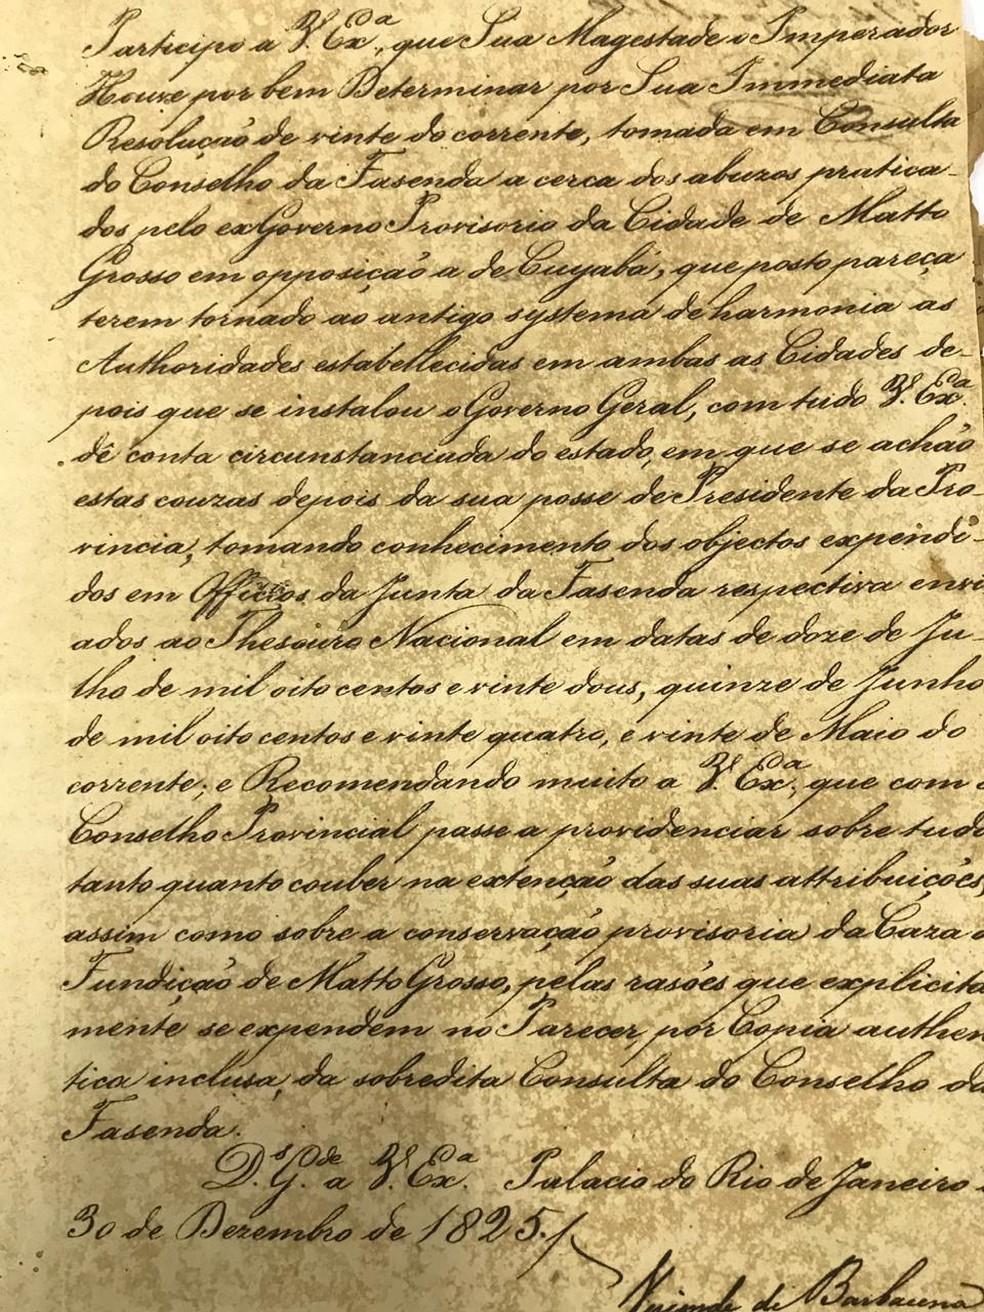 Informe imperial escrito à mão que circulou em 1825 — Foto: Arquivo Público/Reprodução